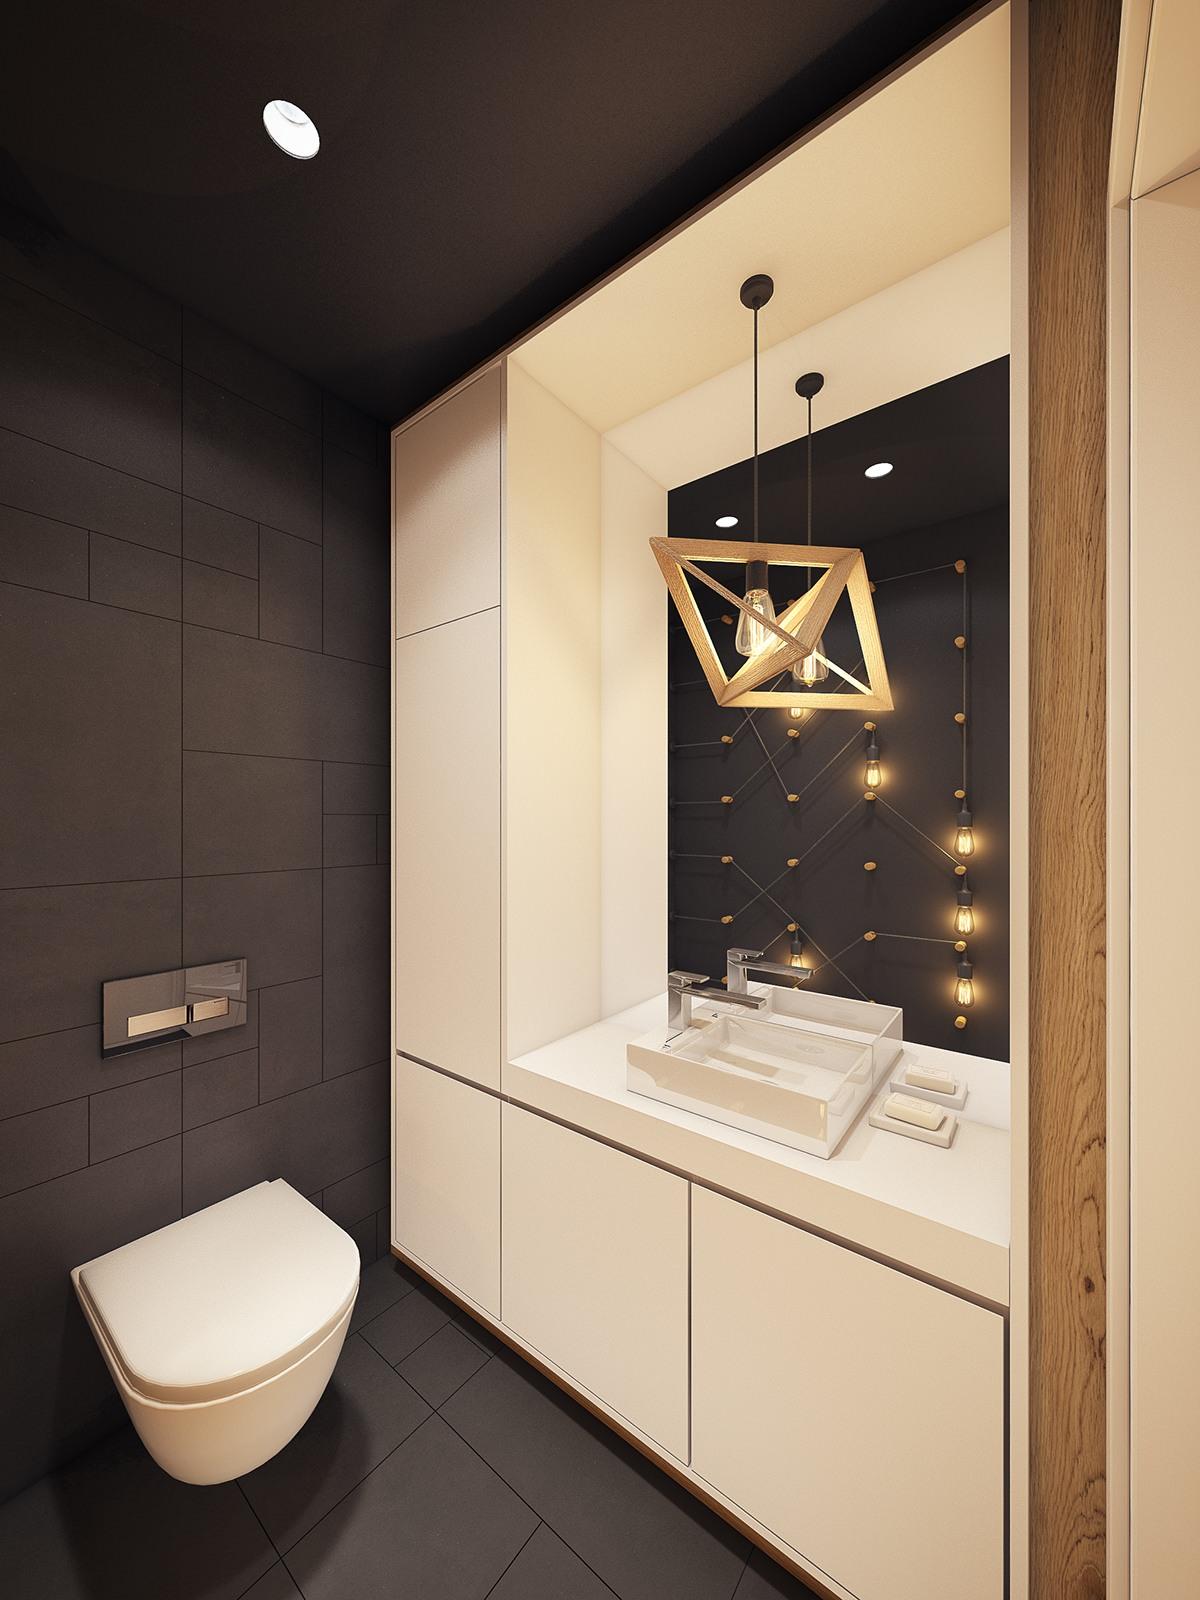 Chiếc đèn thả trần mang kiểu dáng hình học kết hợp cùng sự phản quang từ những chiếc đèn ghim tường độc đáo phía đối diện gương tạo nên vẻ ấn tượng và đẹp mắt cho không gian phòng tắm này.